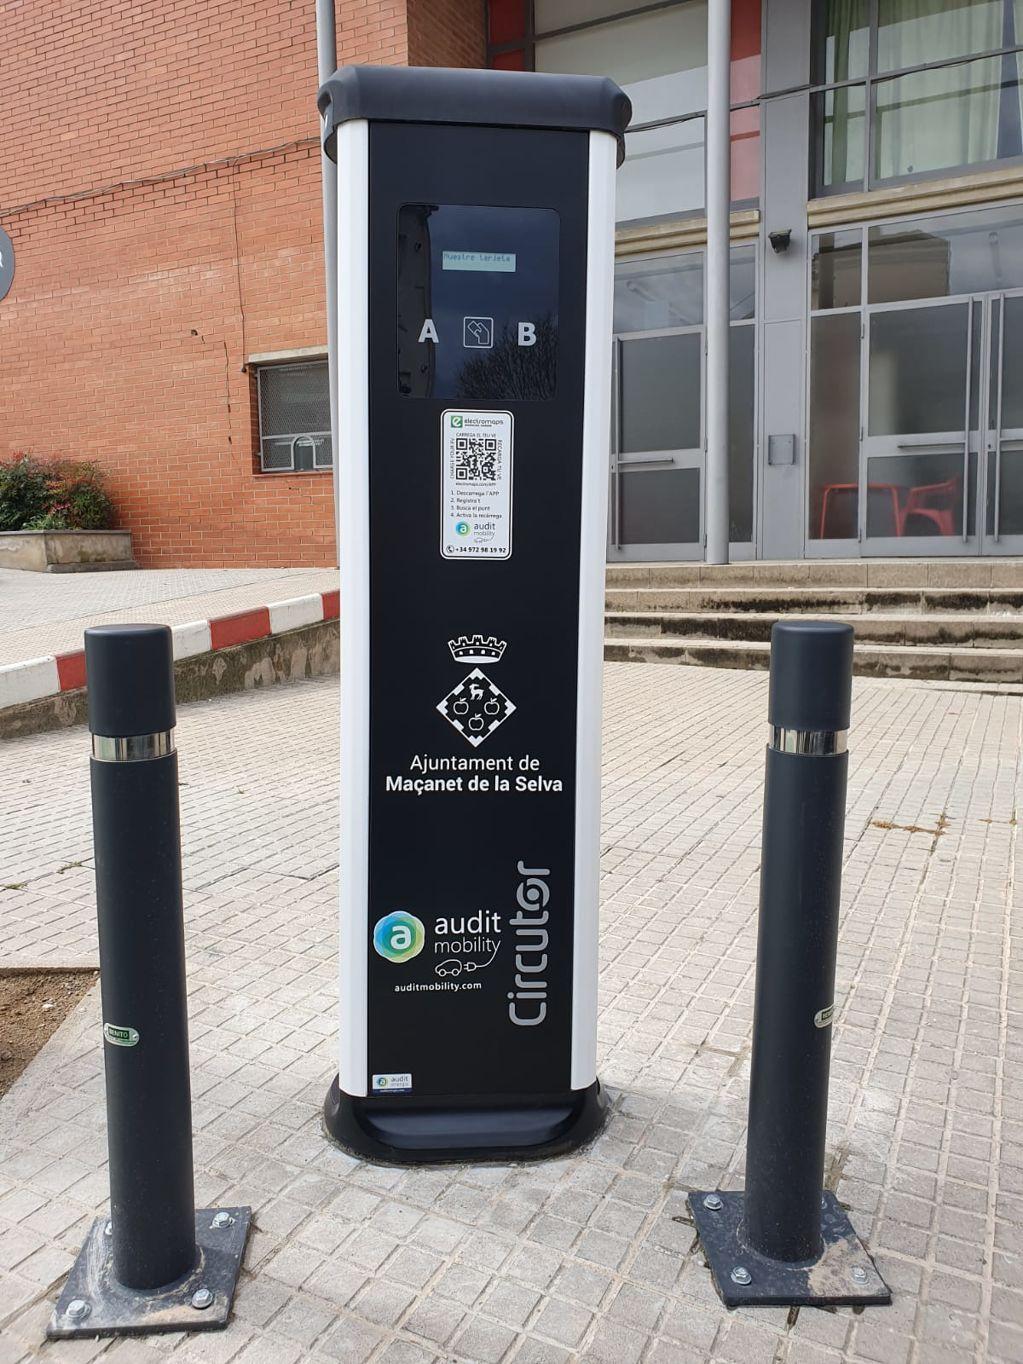 Nova estació pública i gratuïta de recàrrega per a vehicles elèctrics - 8f426-WhatsApp-Image-2021-03-19-at-13.10.33--1-.jpeg